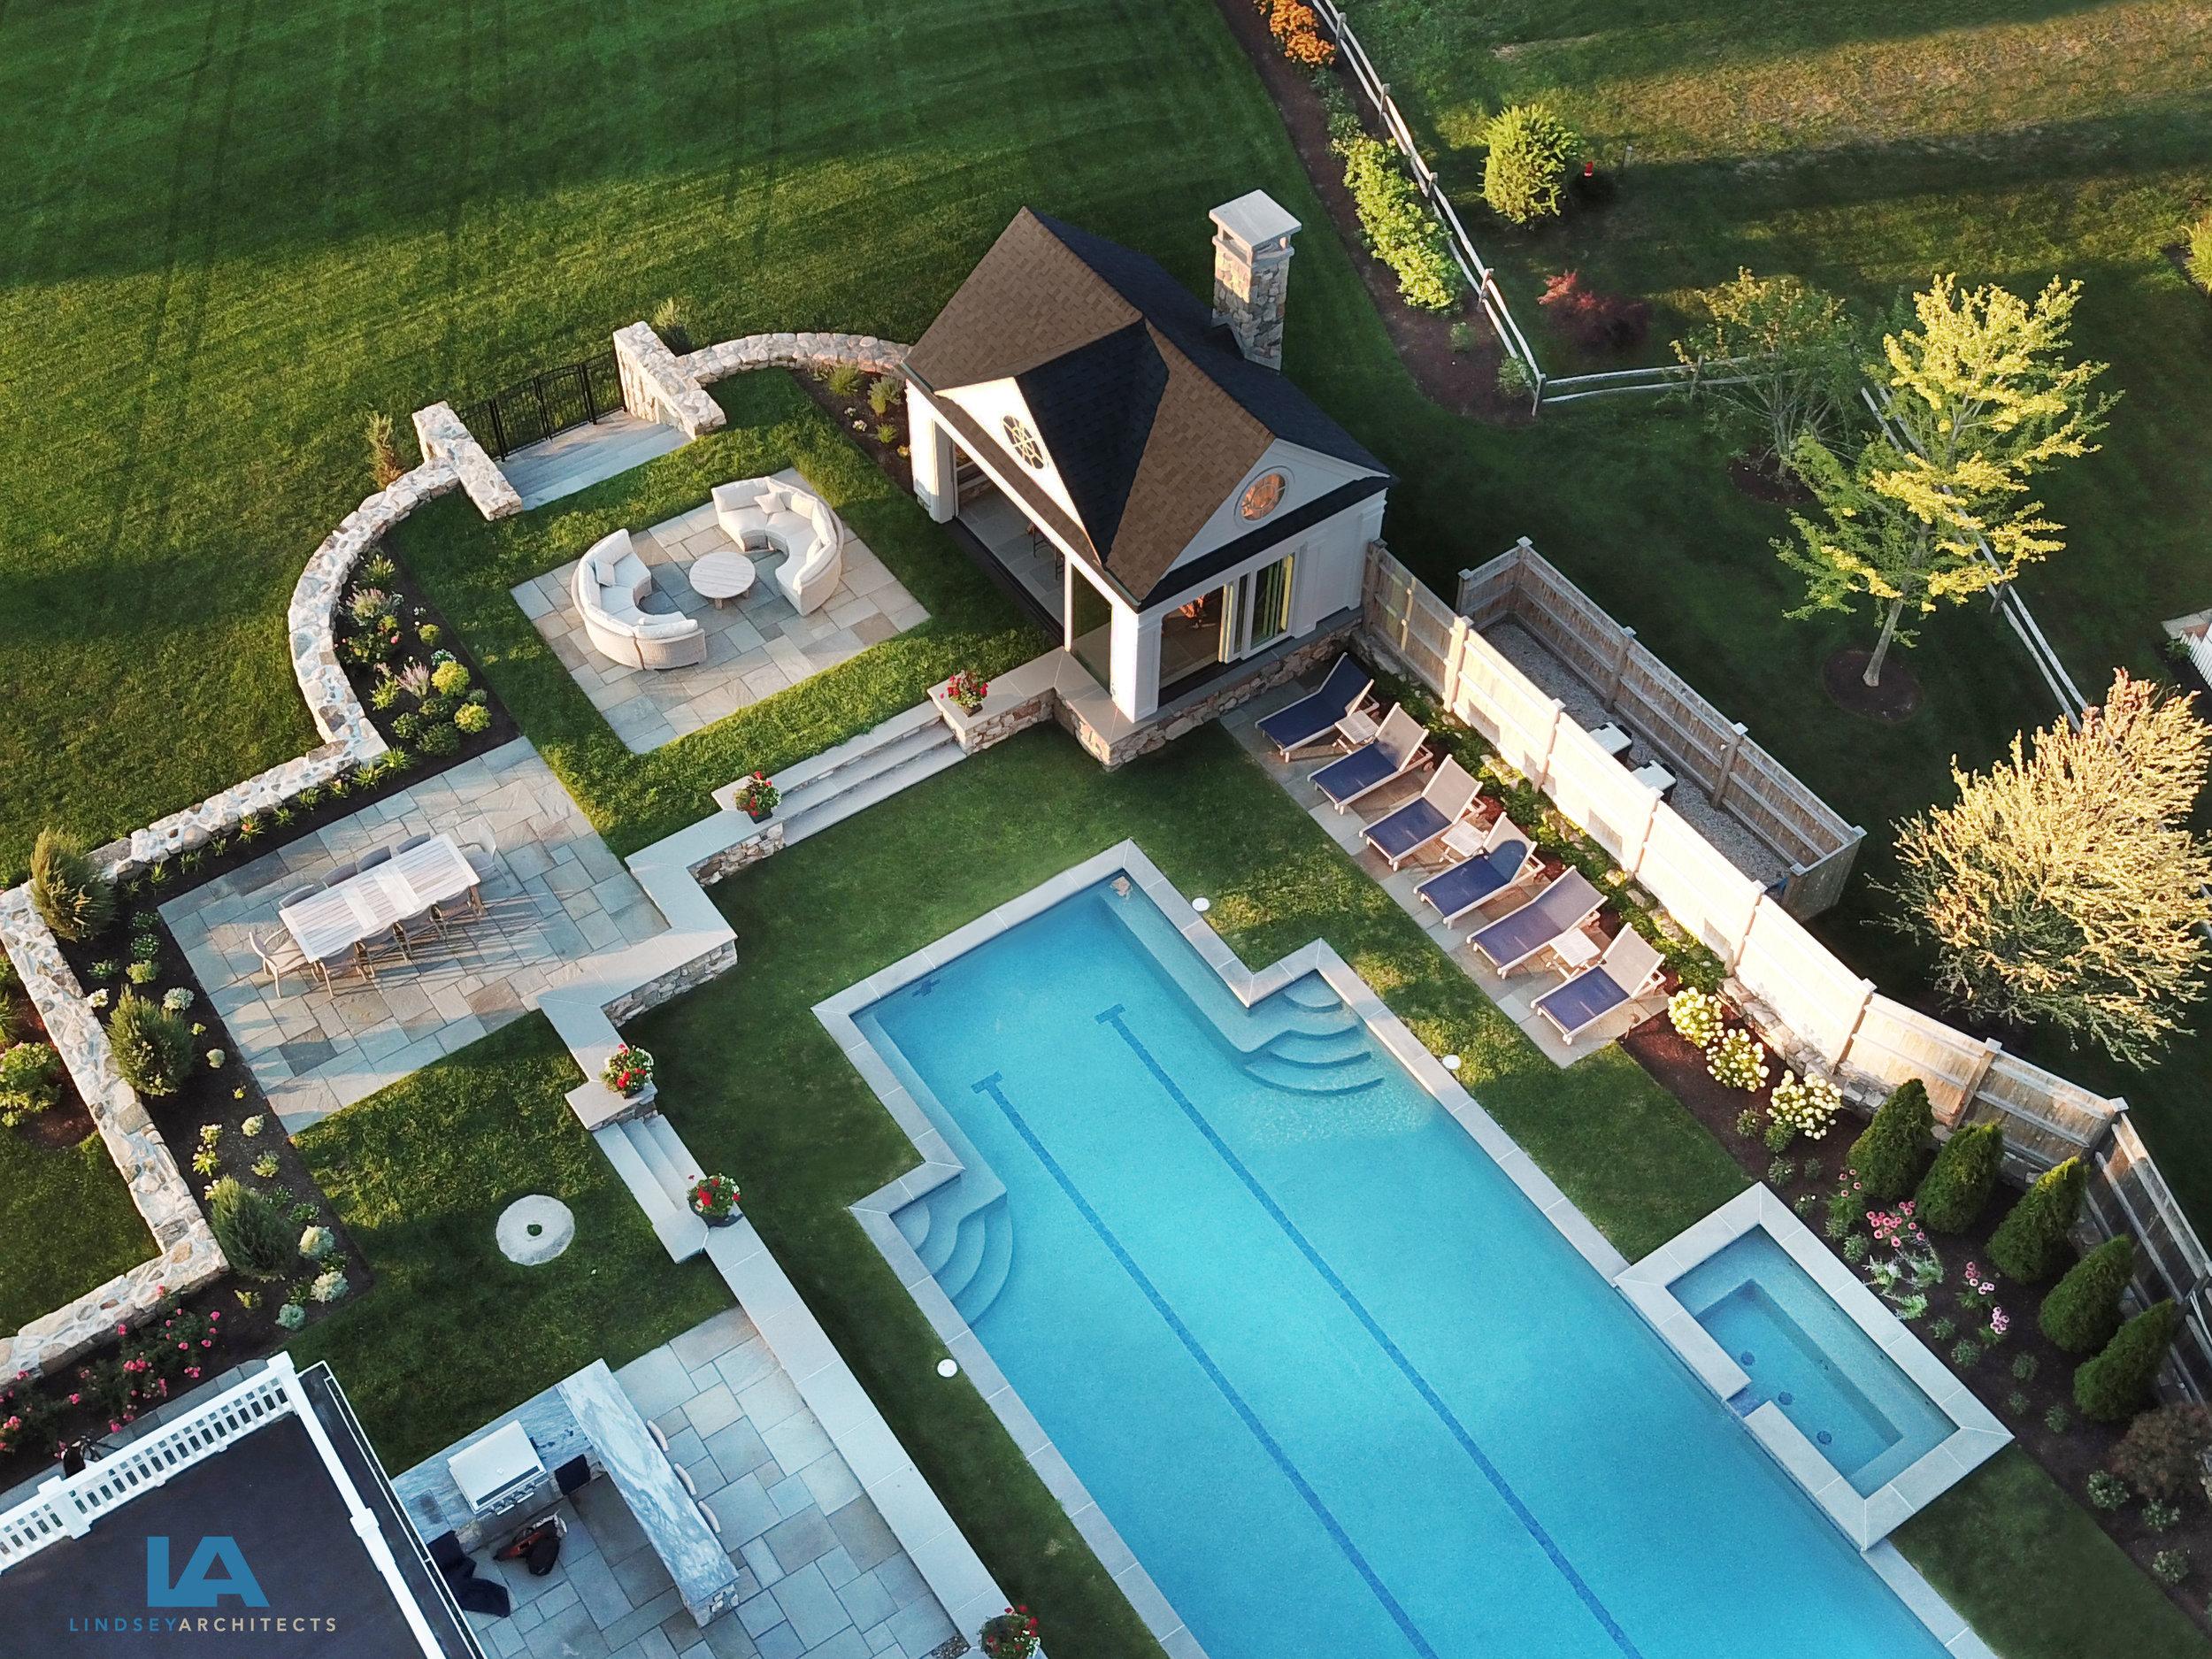 Lindsey Architects Cabana House York Harbor Maine (2).jpg